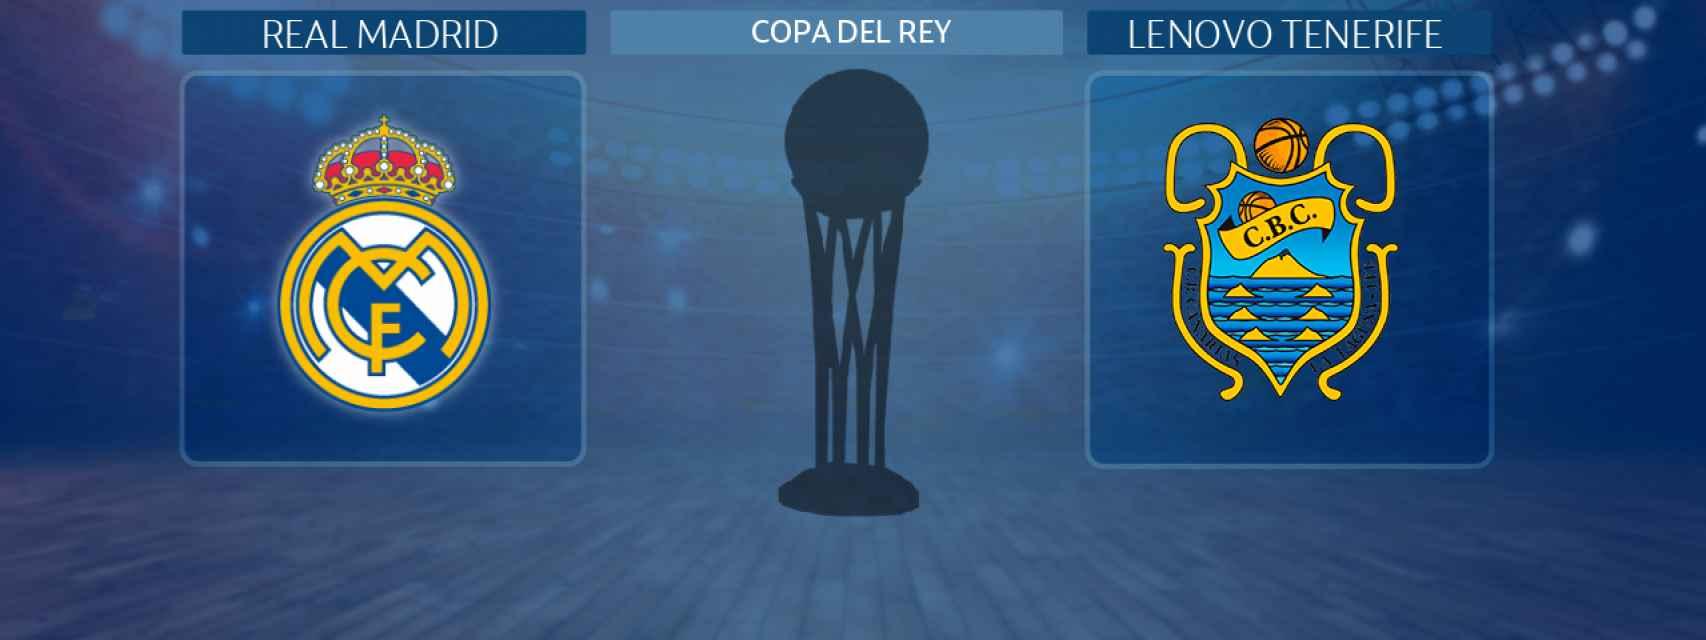 Real Madrid - Lenovo Tenerife, partido de la Copa del Rey